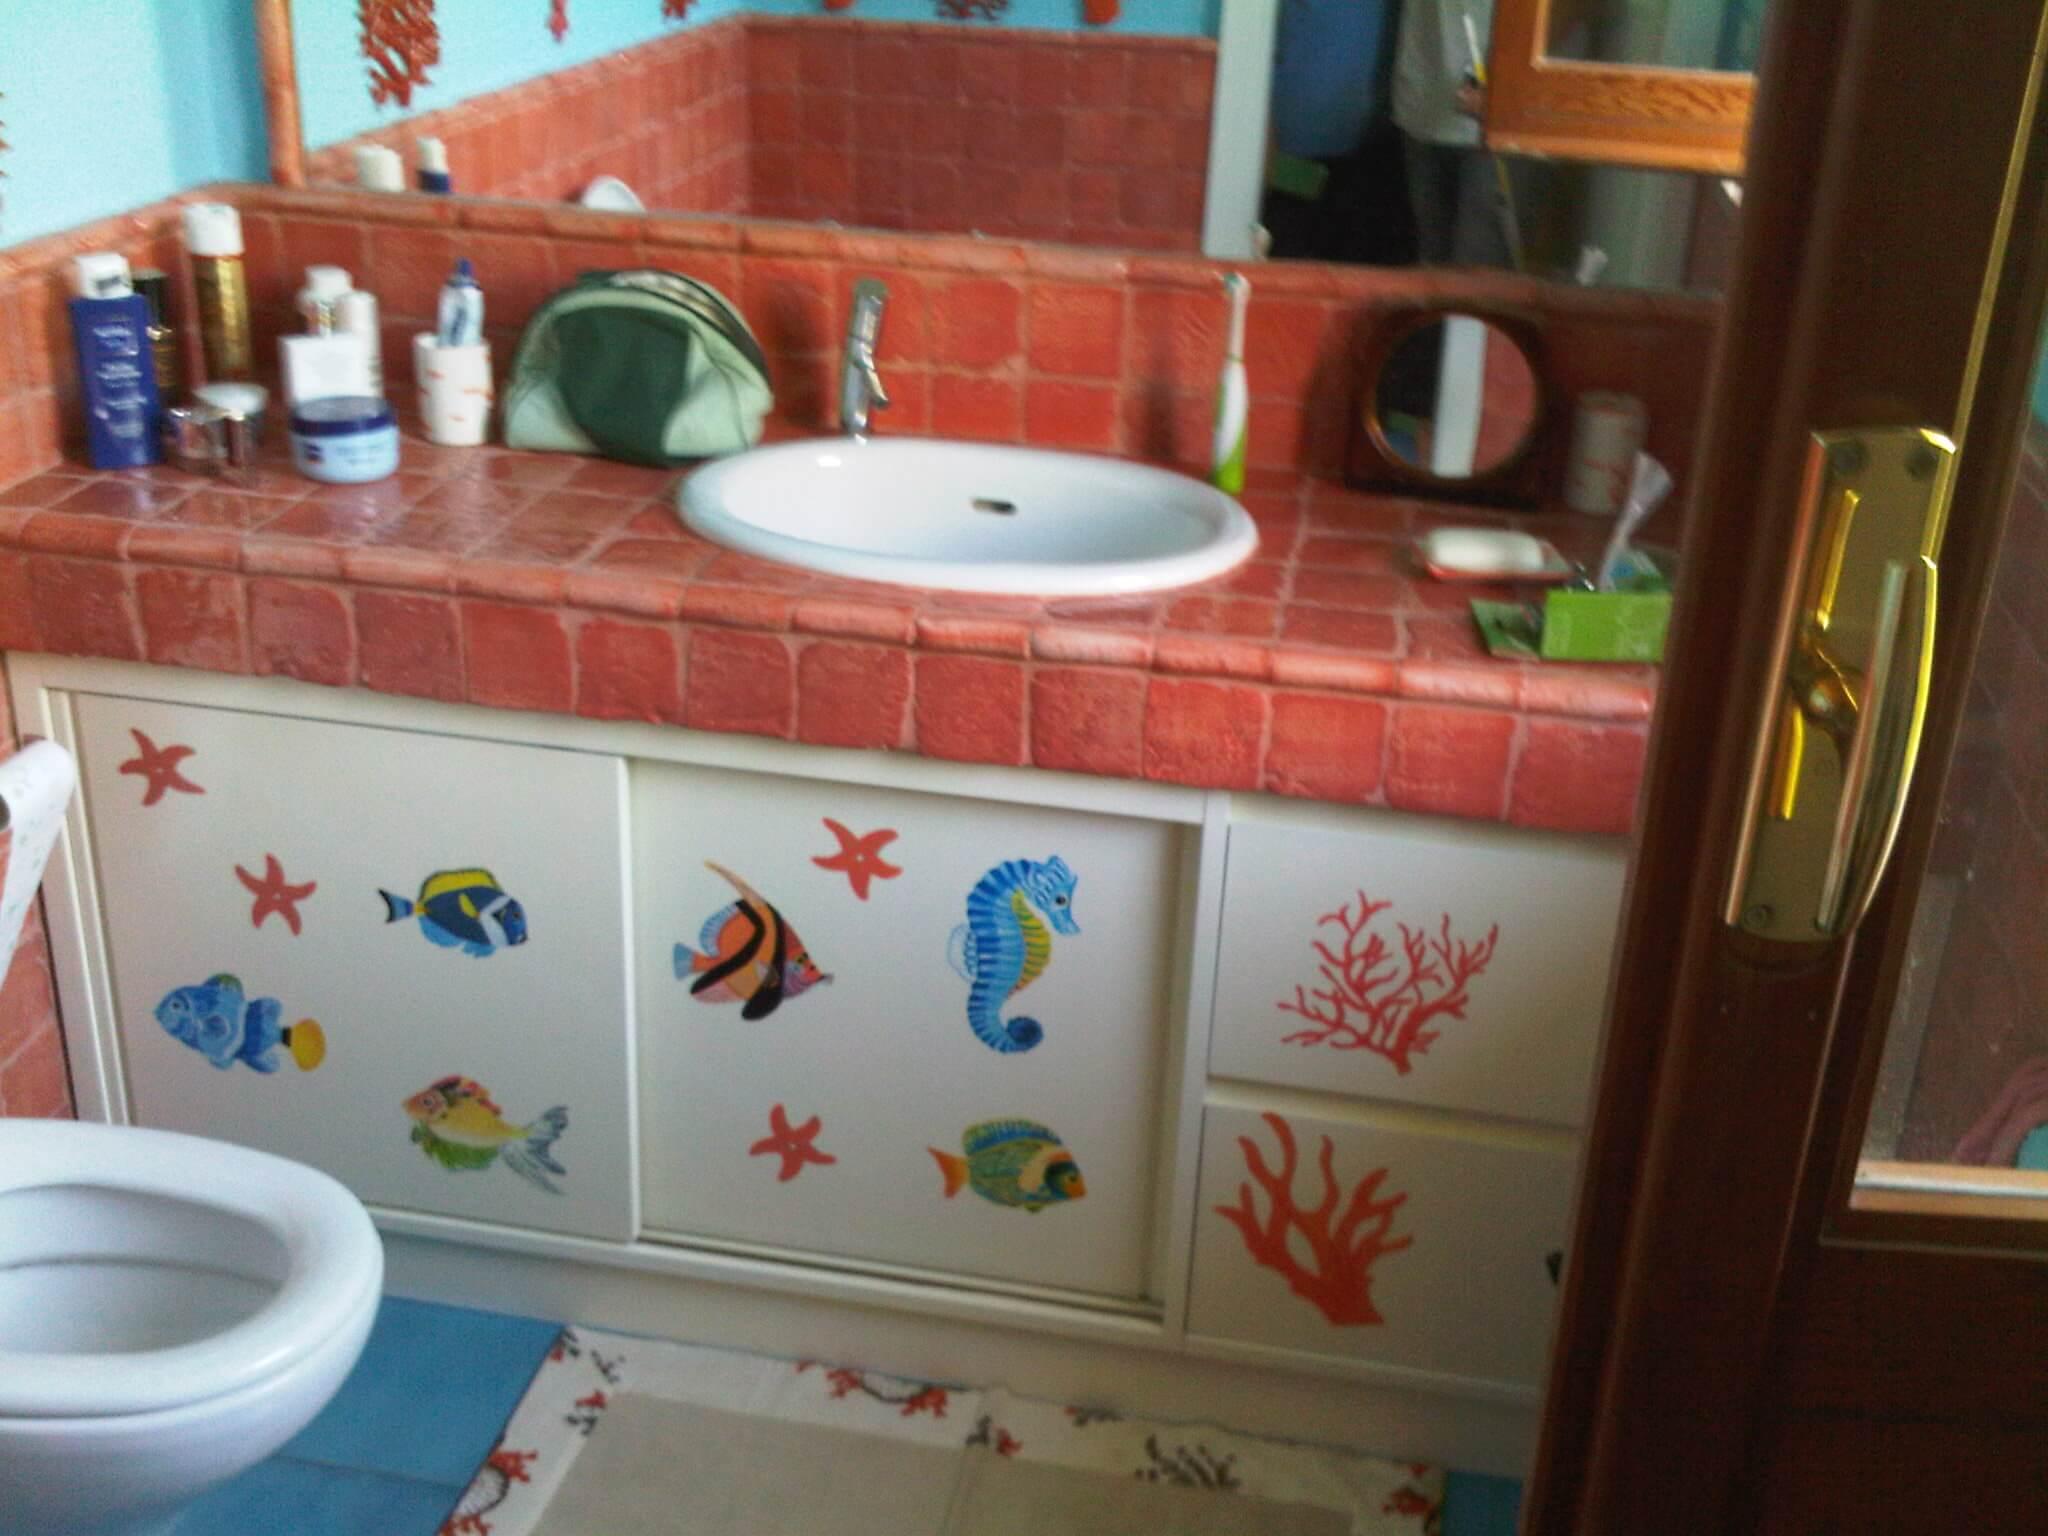 bagno con mobile bianco con decorazioni marine e piano in mattonelle rosse